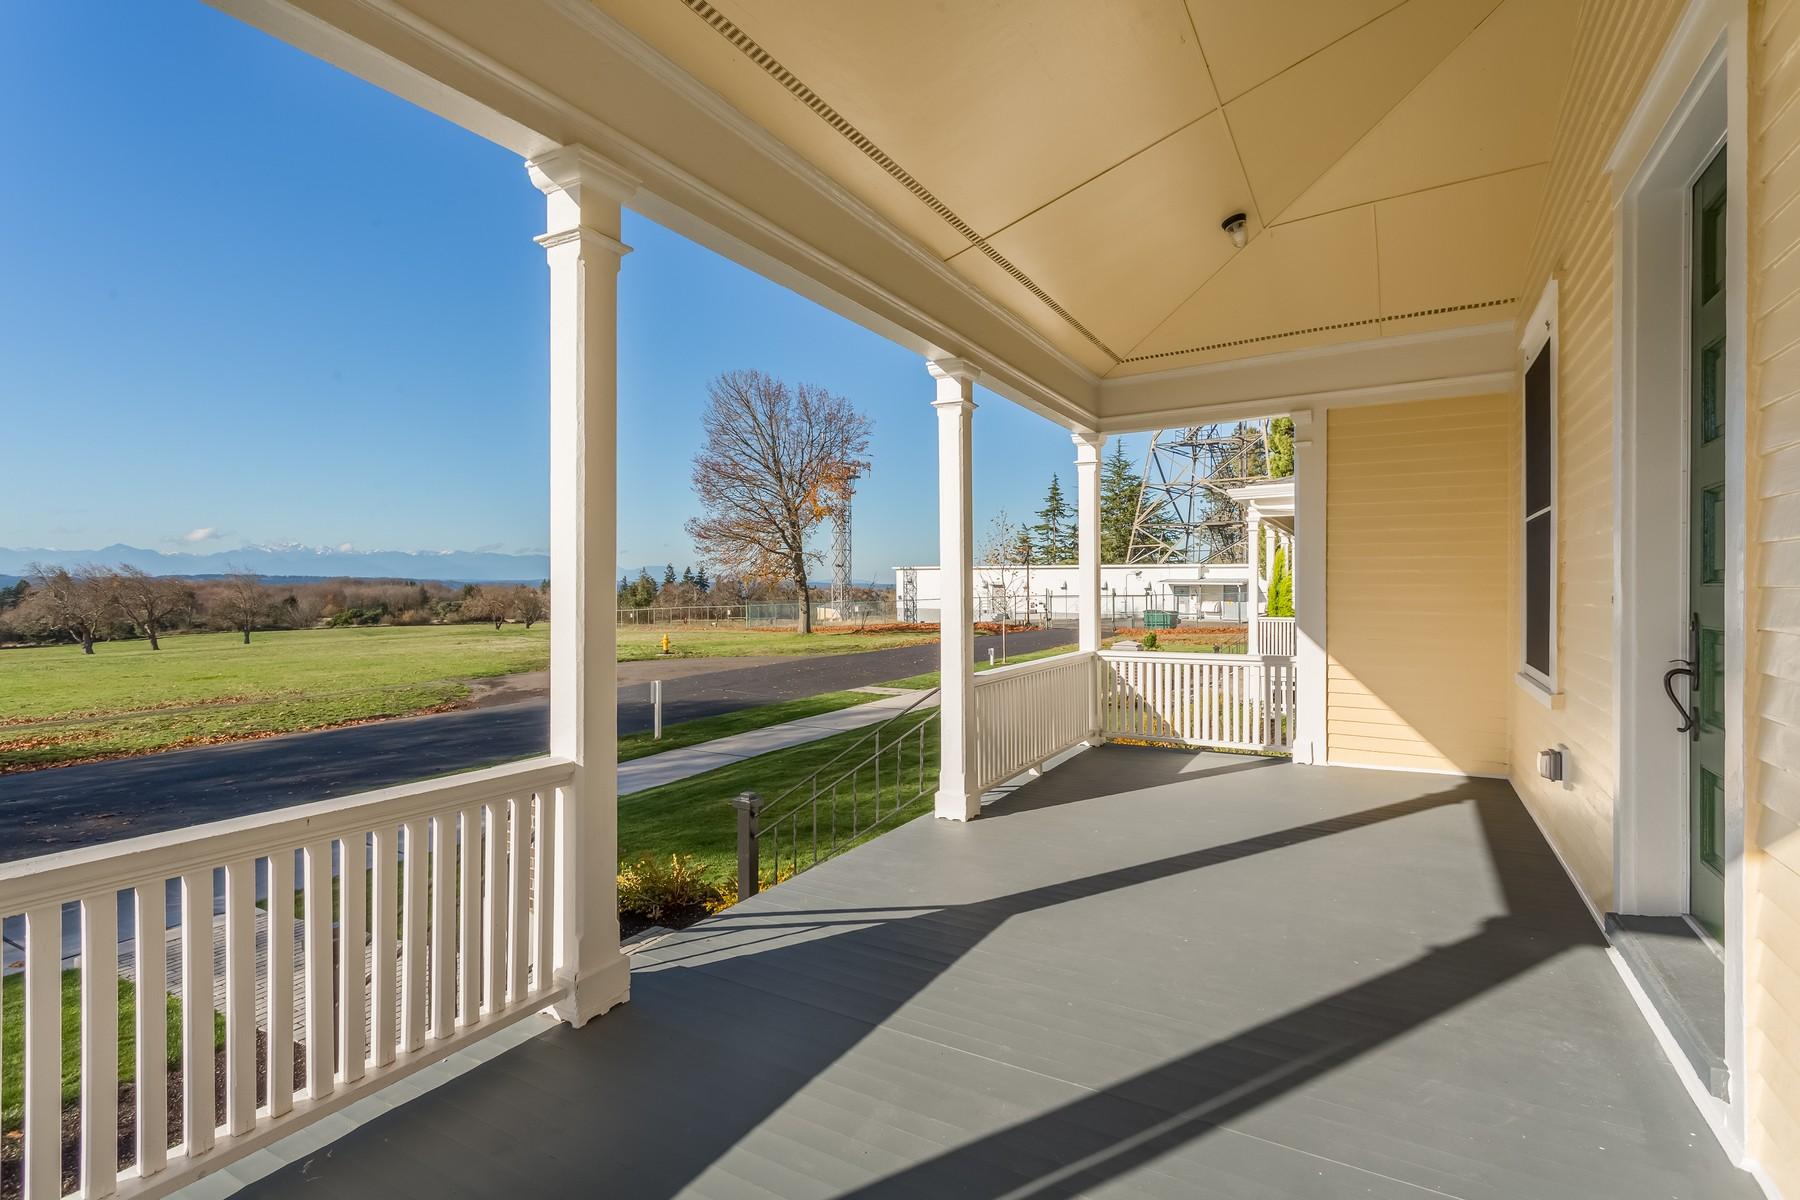 단독 가정 주택 용 매매 에 Discovery Park Home 4010 Washington Ave W Magnolia, Seattle, 워싱톤, 98199 미국